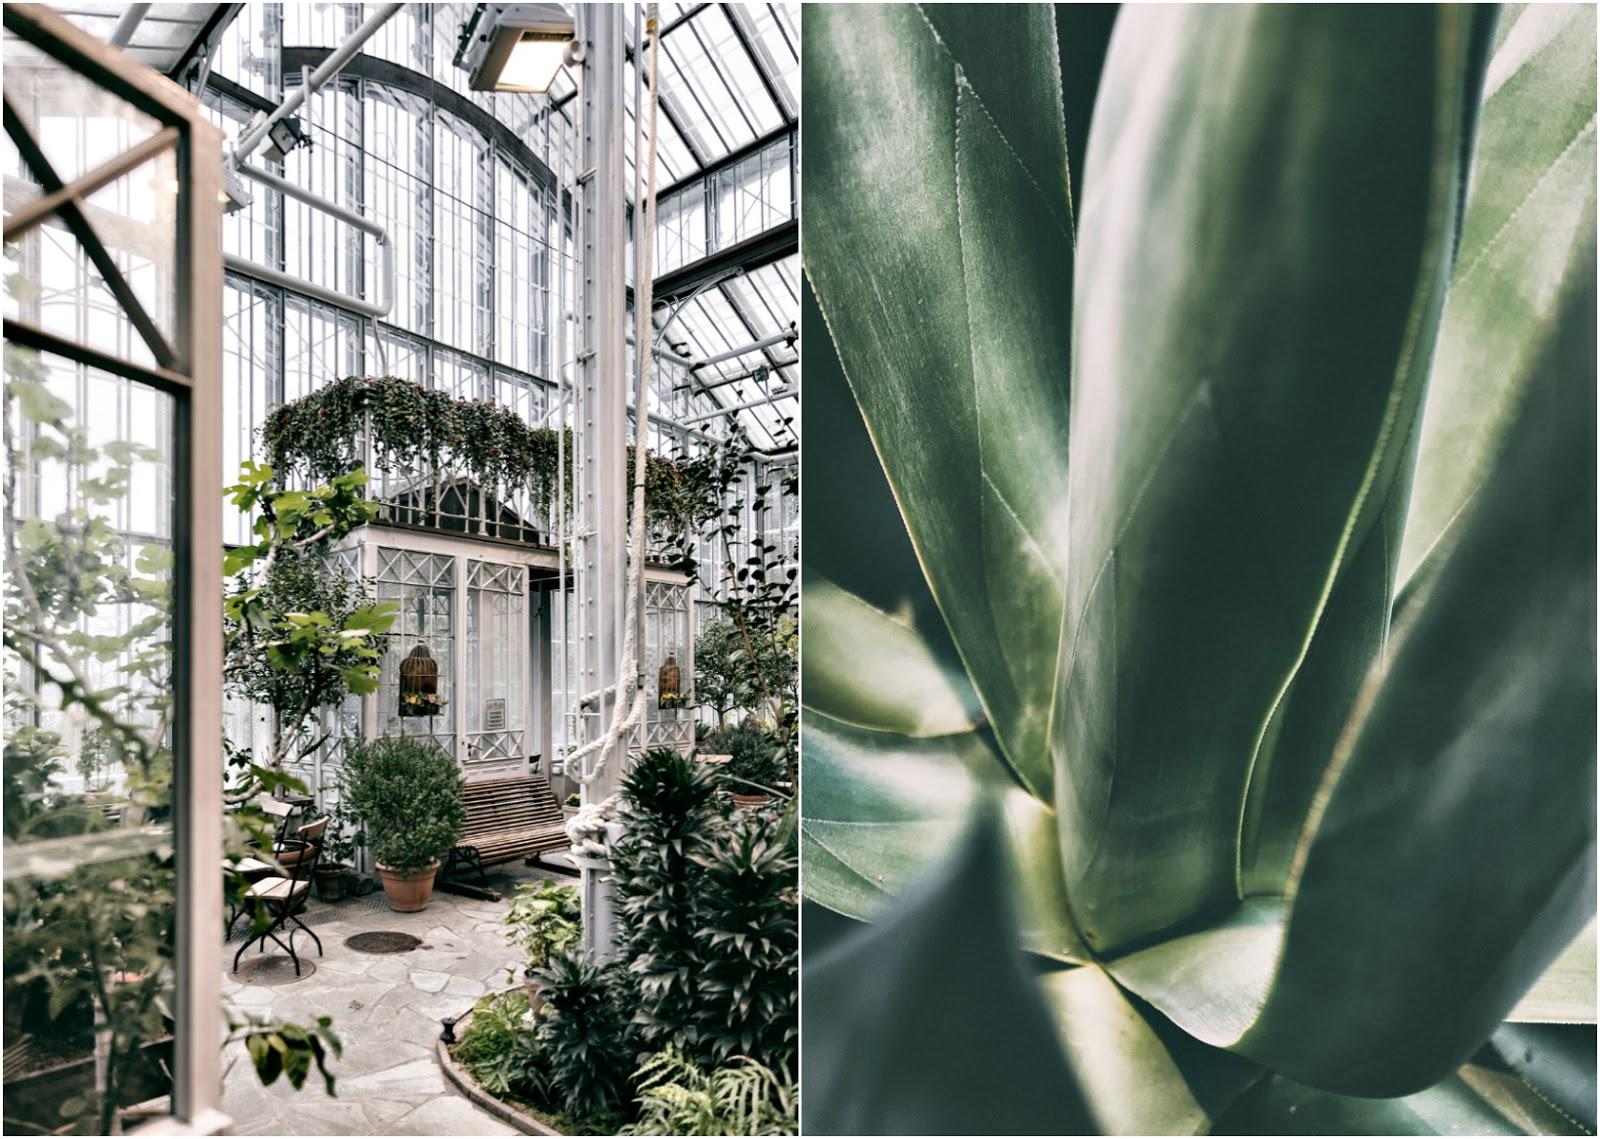 Talvipuutarha, Helsinki, myhelsinki, visithelsinki, garden, orangerie, puutarha, kasvit, kukat, viherkasvit, valokuvaaja, Frida Steiner, Visualaddict, visualaddictfrida